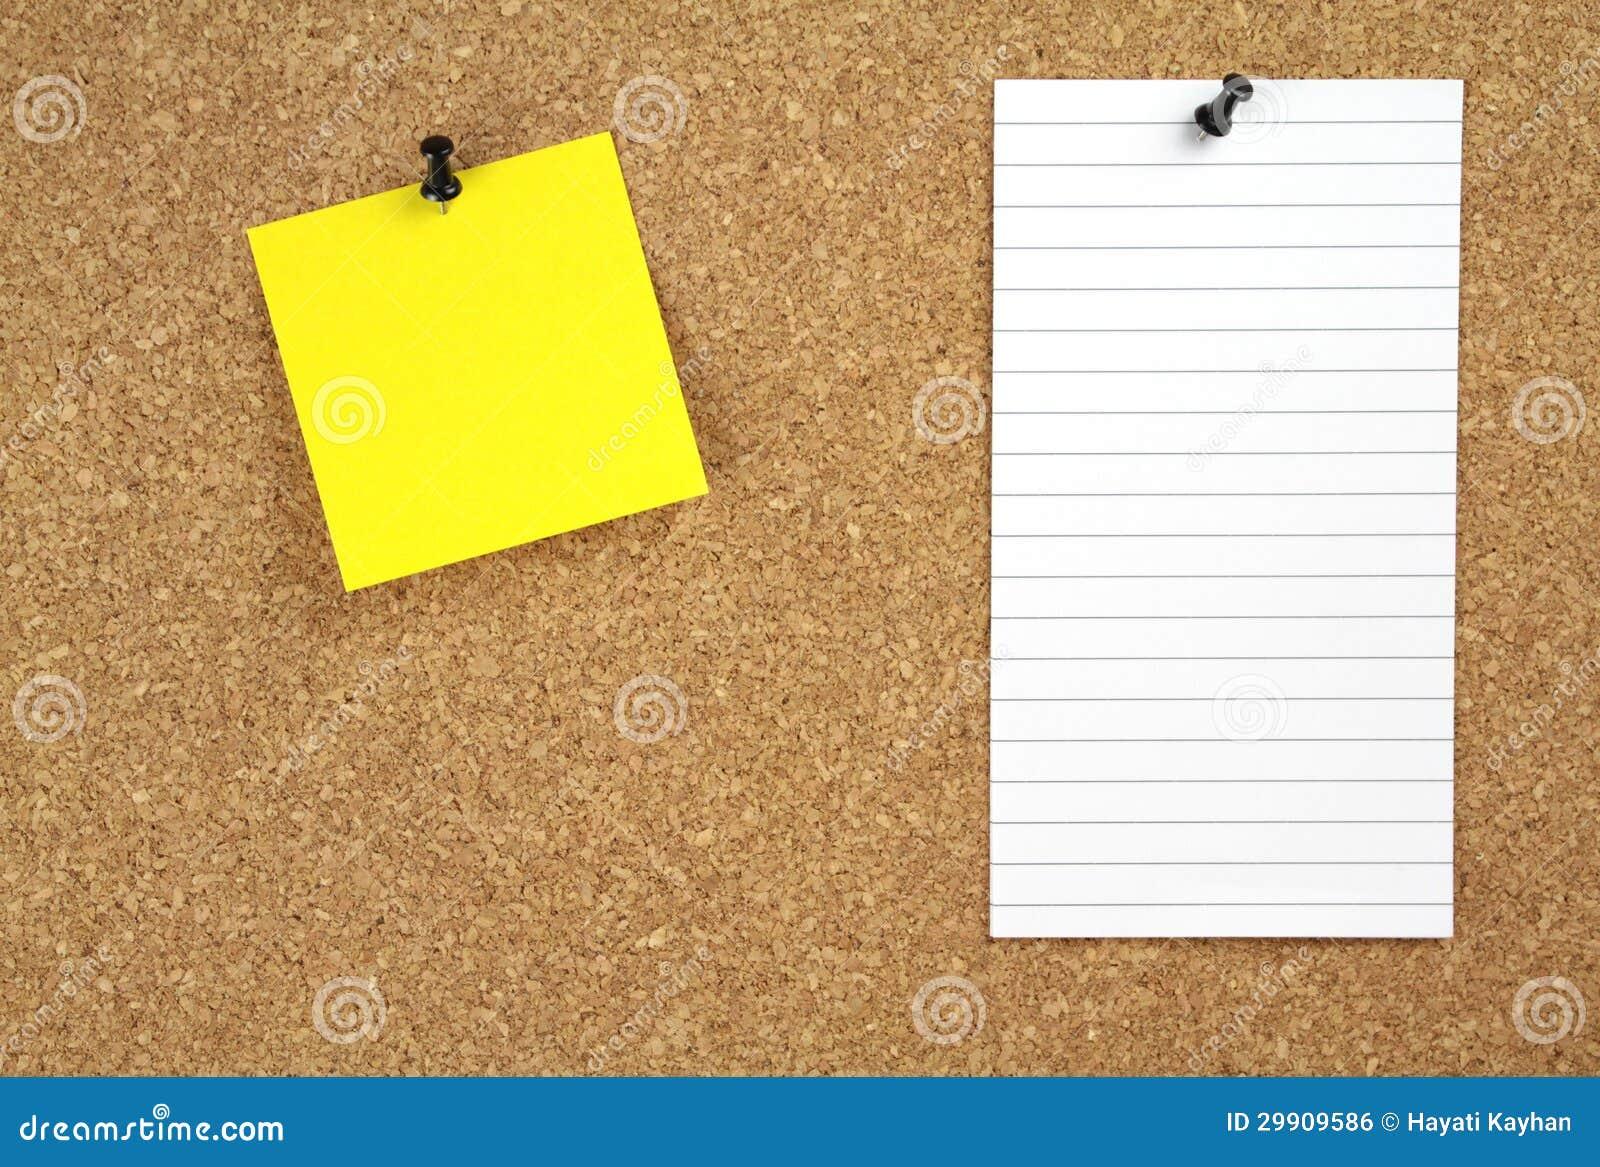 Eccezionale Bacheca Del Sughero Con Carta Per Appunti Gialla E Bianca  YM34